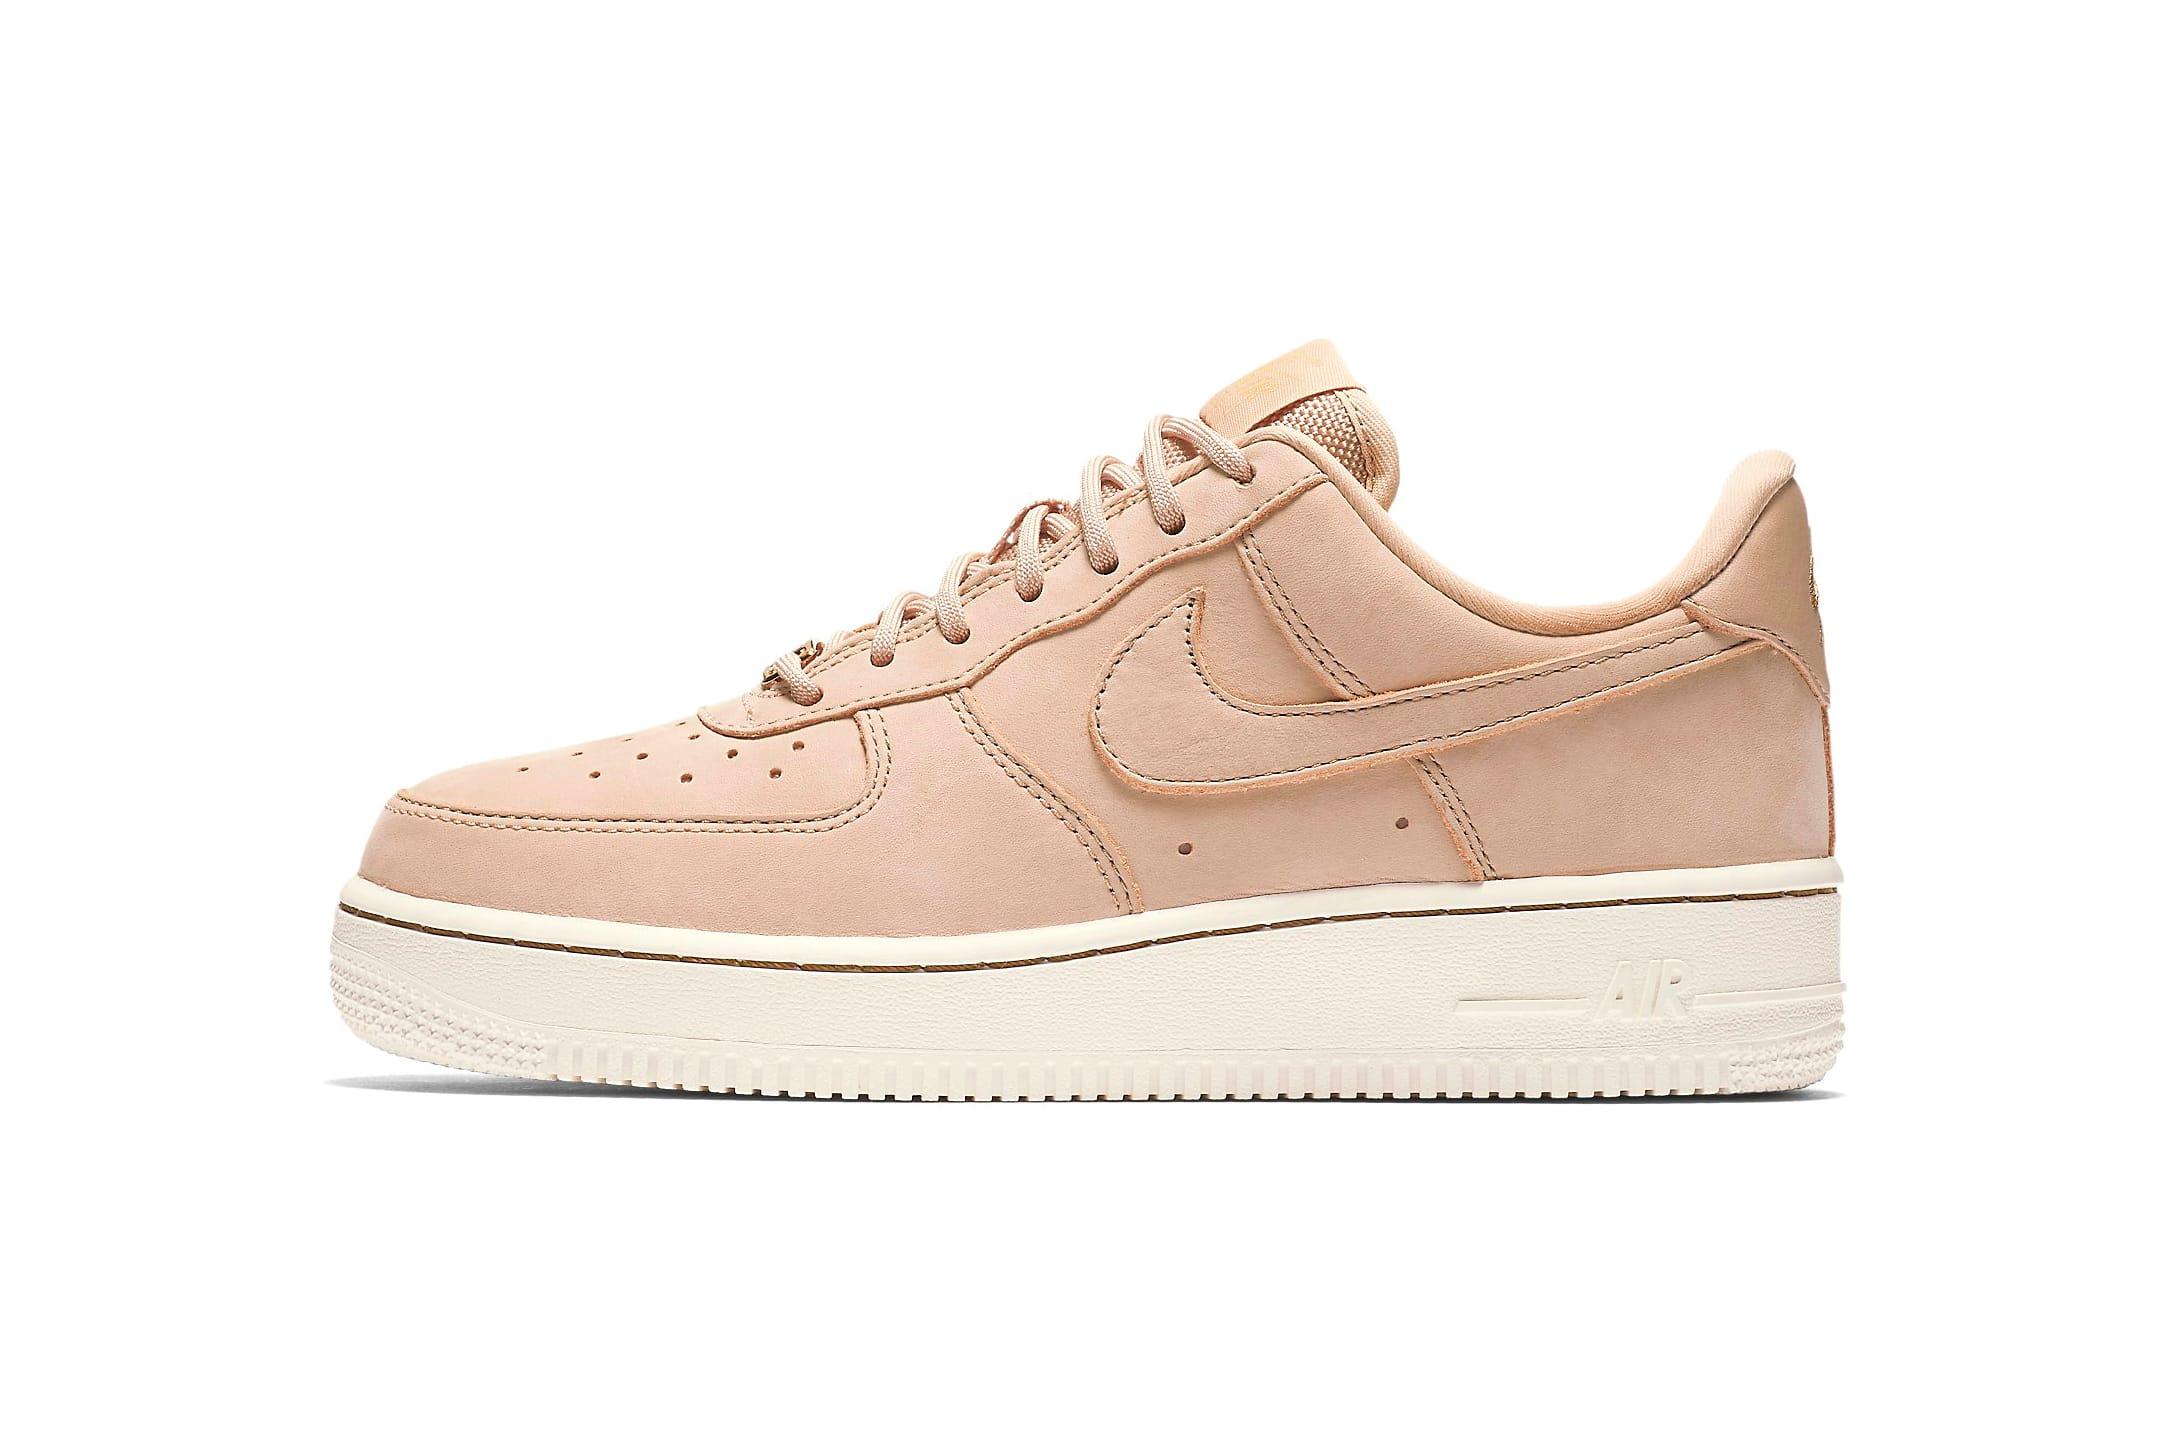 nike air force 1 bio beige